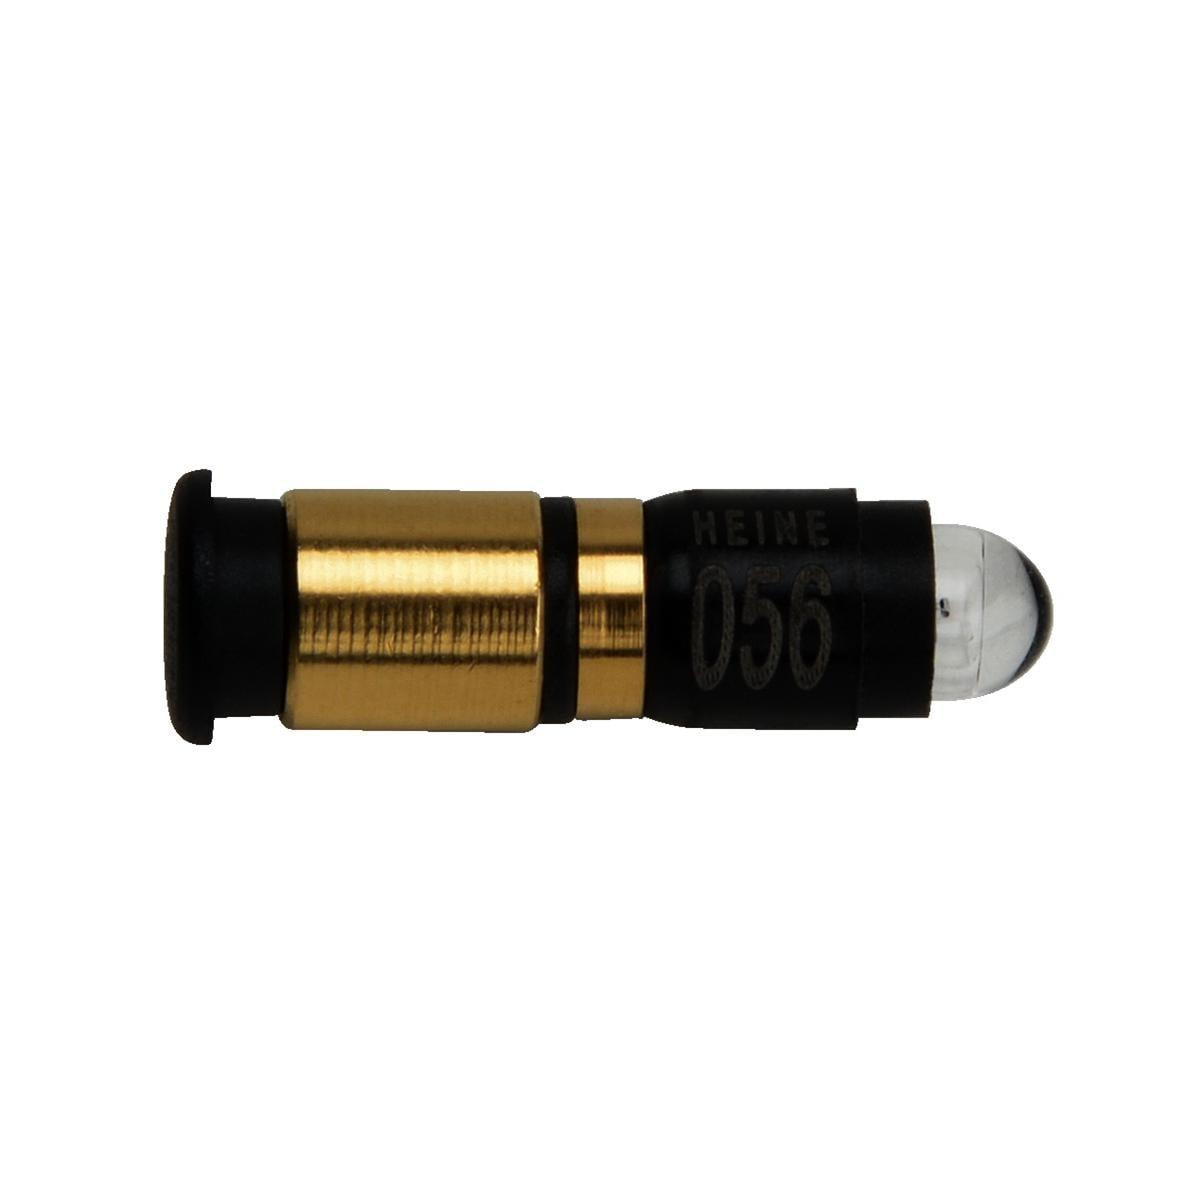 HEINE 2.5v No. 056 - Mini Set D.I. Otoscope Bulb